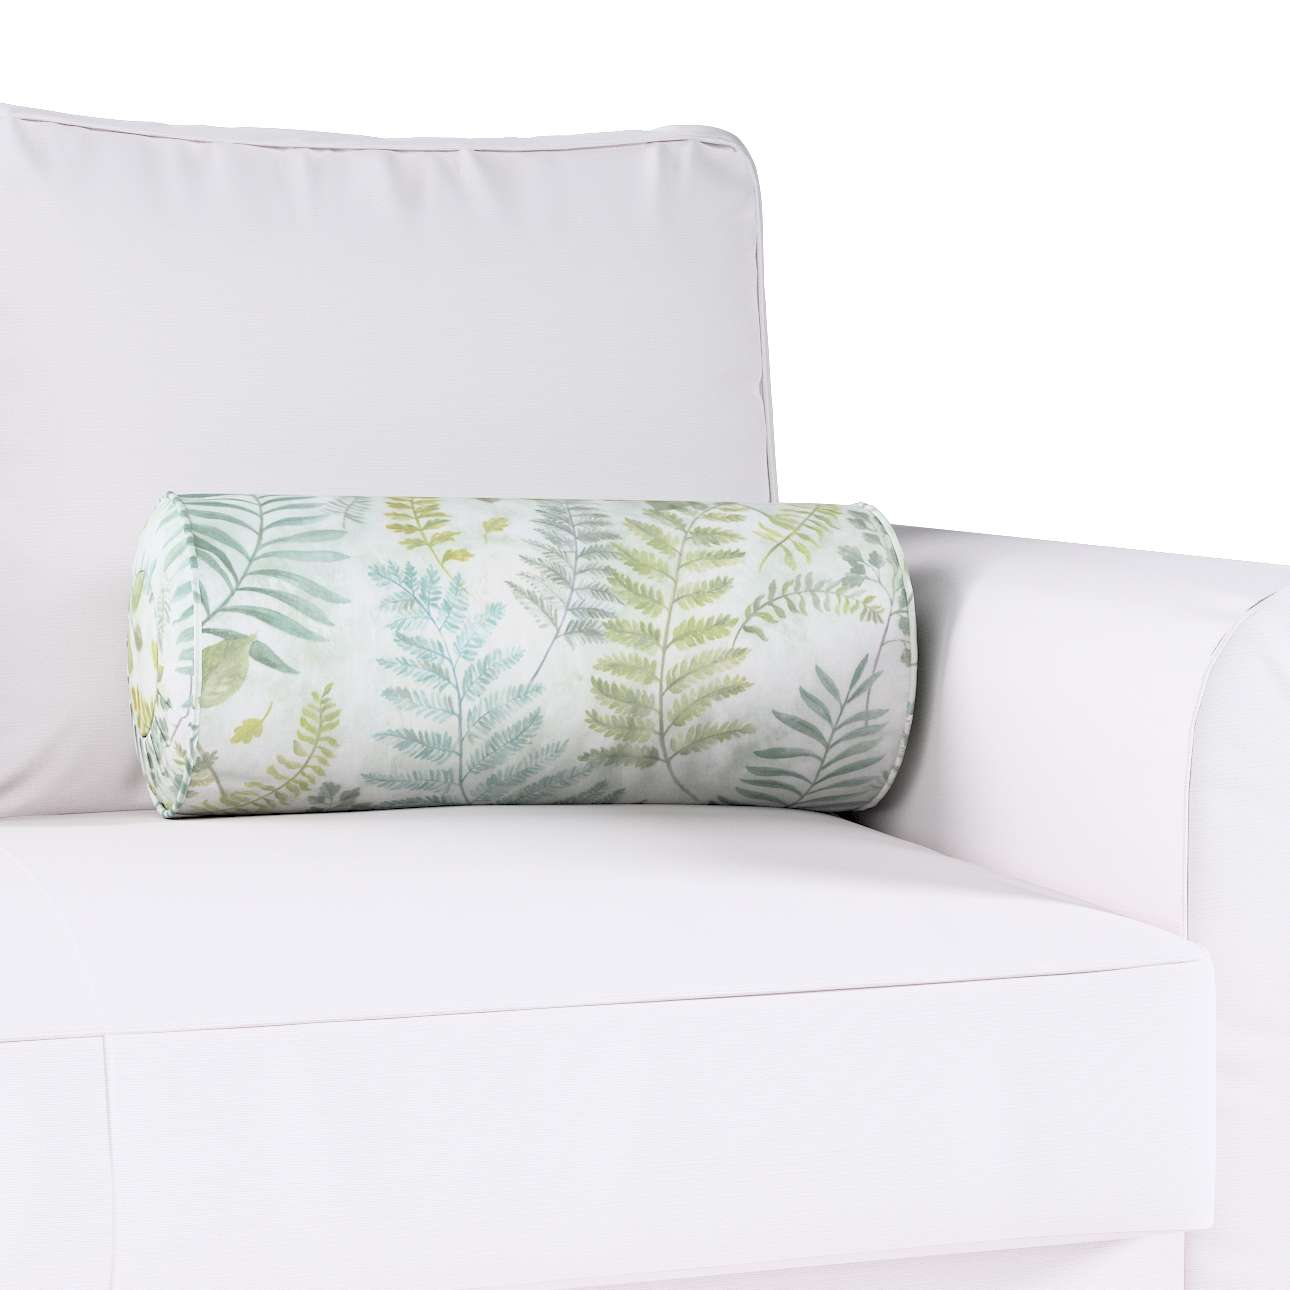 Poduszka wałek z zakładkami w kolekcji Pastel Forest, tkanina: 142-46